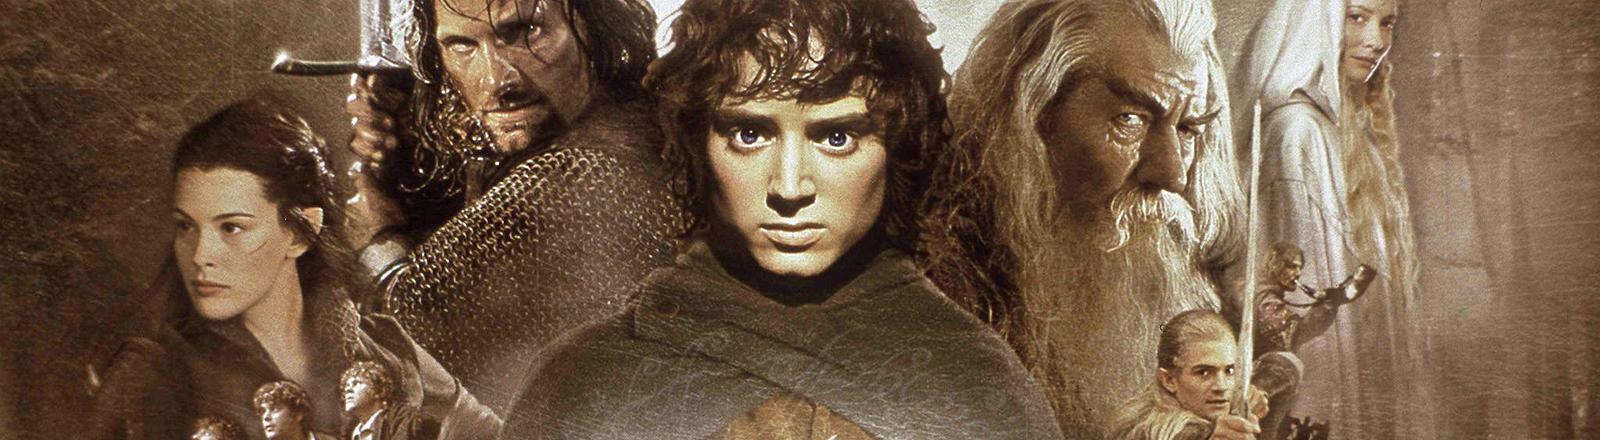 """Das Filmplakat zu """"Herr der Ringe"""" zeigt die Helden, in ihrer Mitte der Hobbit Frodo."""